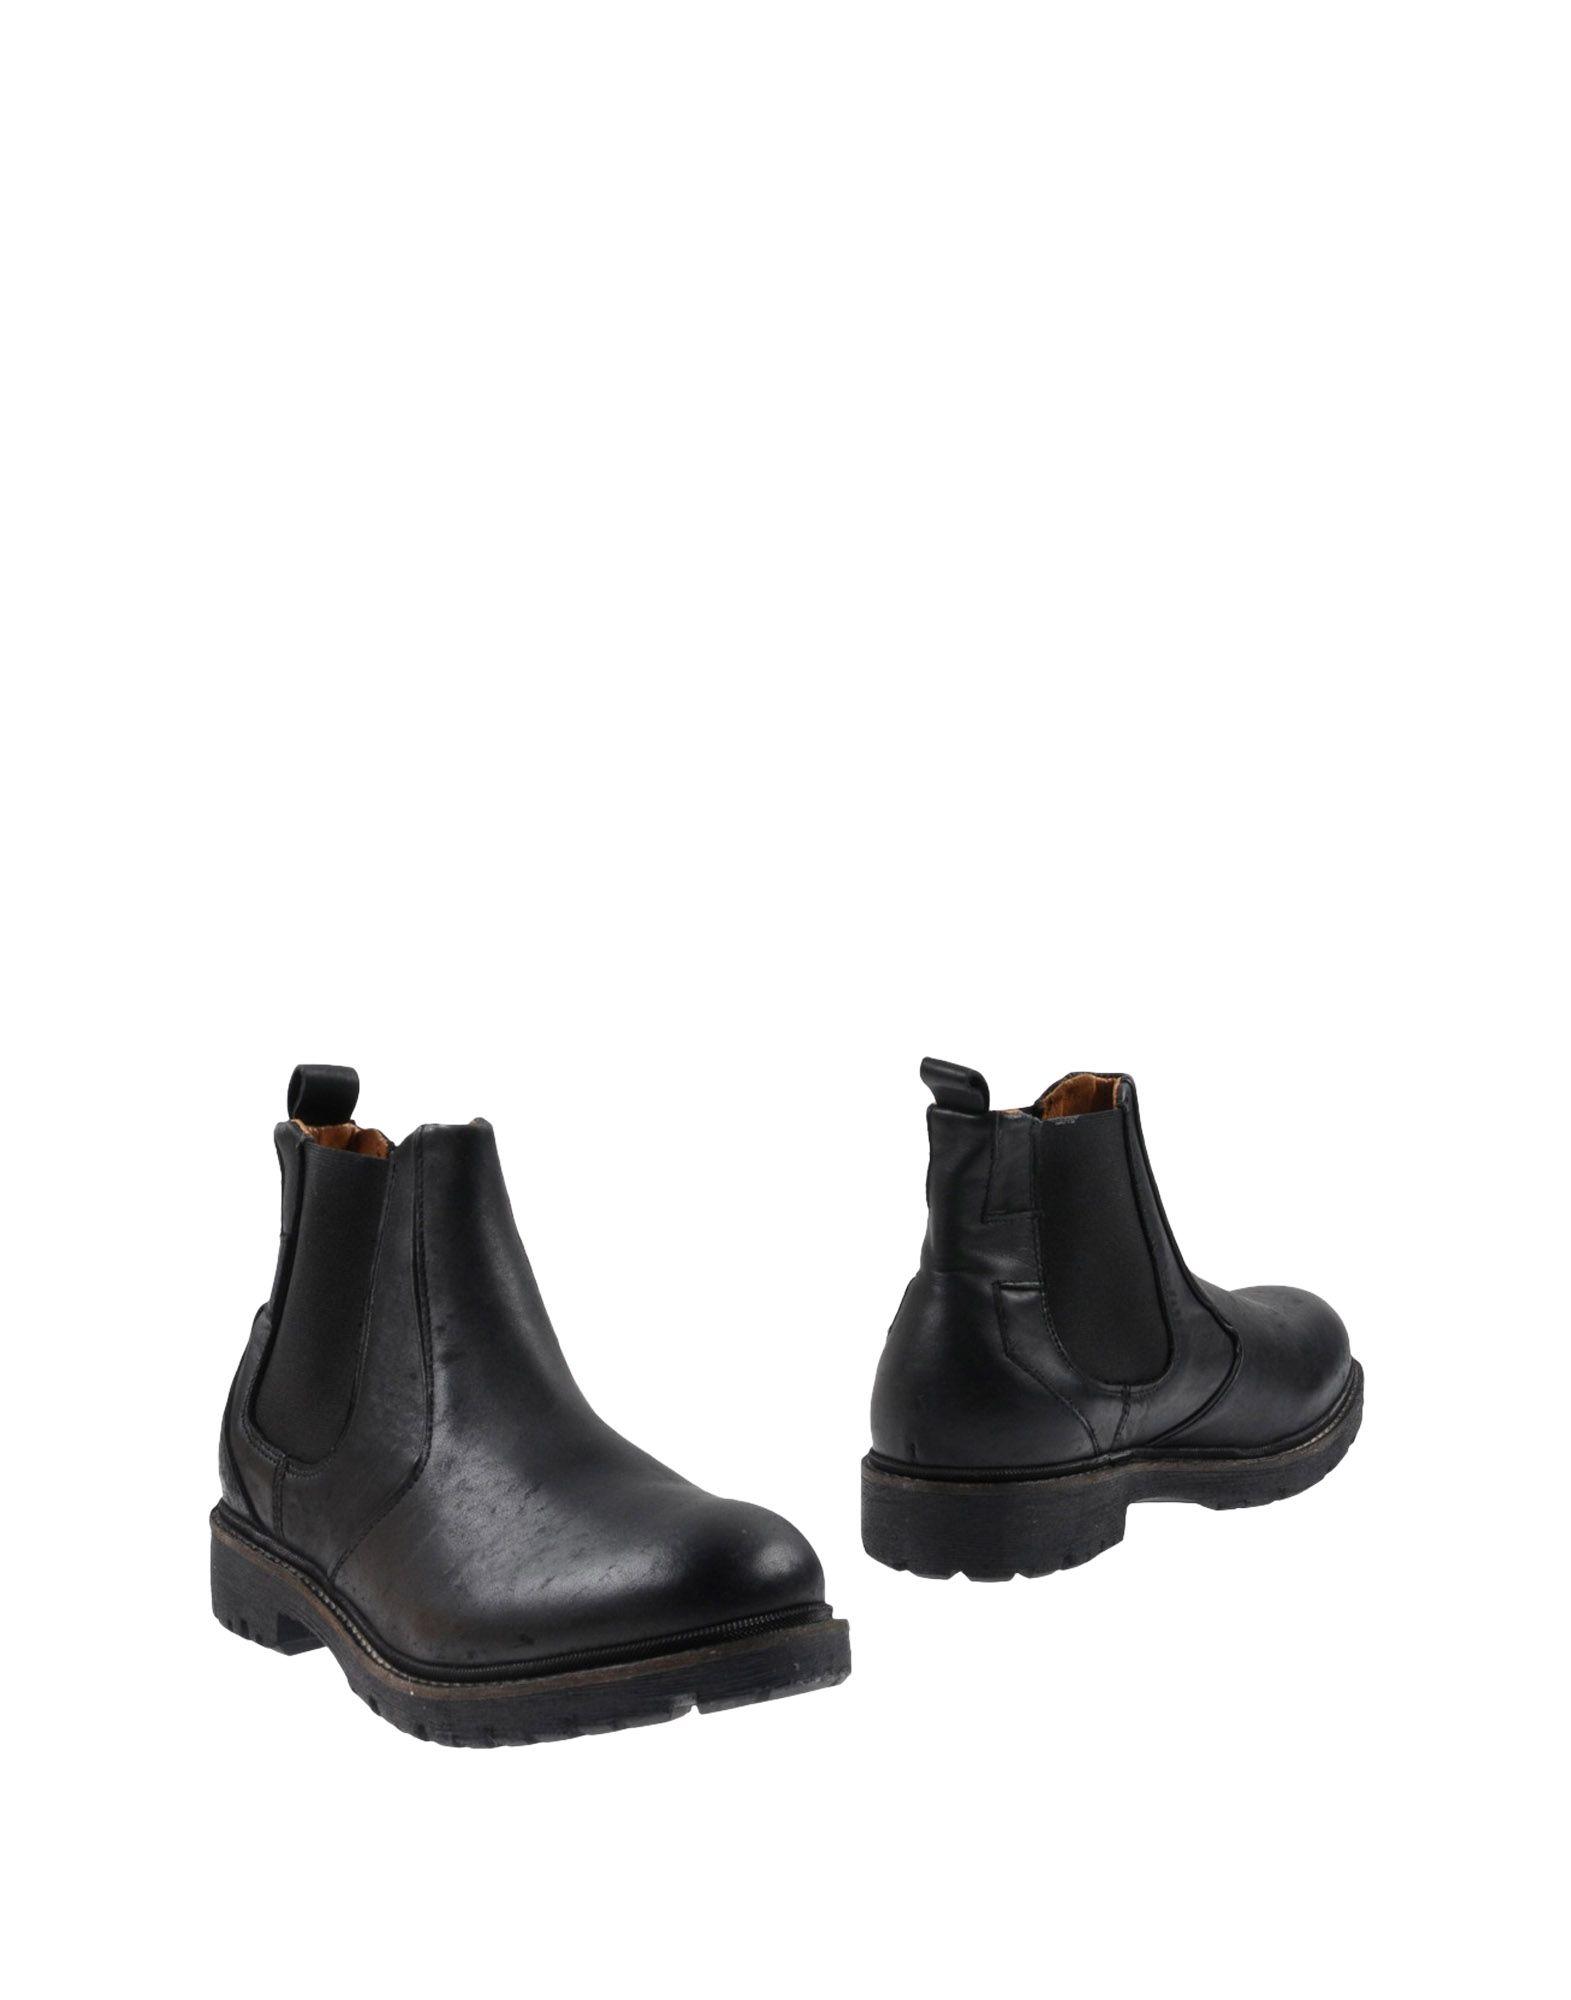 SELECTED HOMME Полусапоги и высокие ботинки